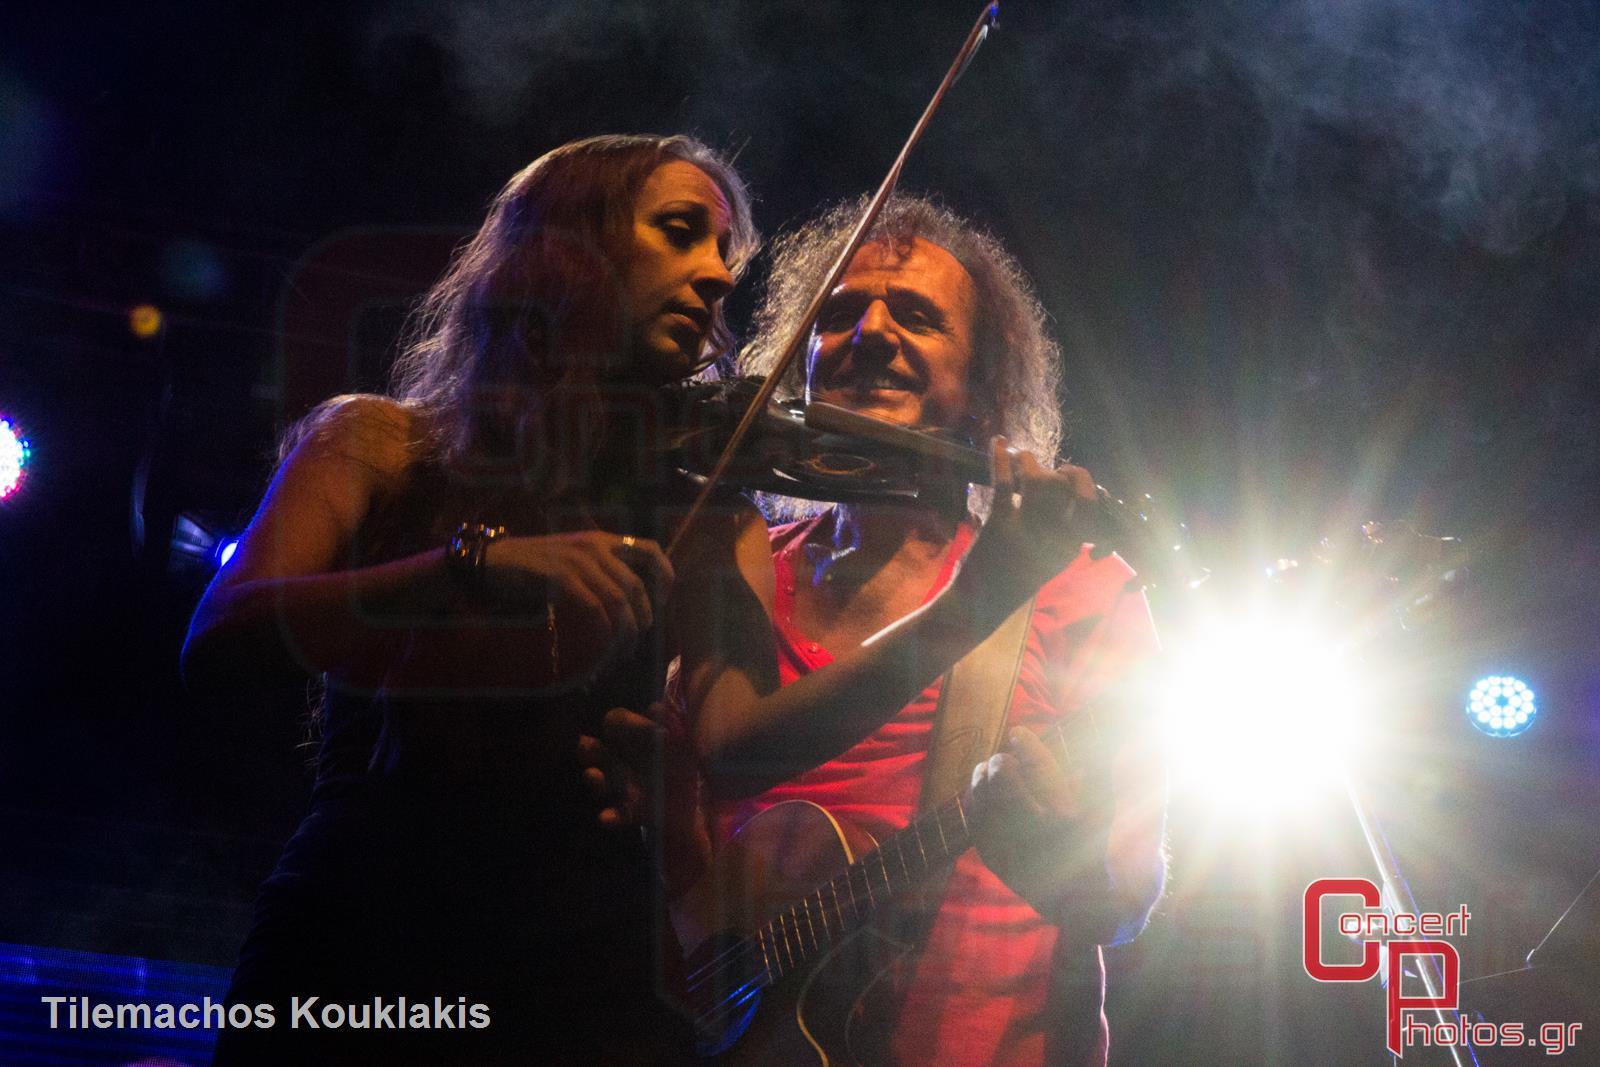 Βασίλης Παπακωνσταντίνου - 40 Χρόνια Έφηβος-Vasilis Papakonstantinou 40 Chronia Efivos photographer: Tilemachos Kouklakis - concertphotos_-4896